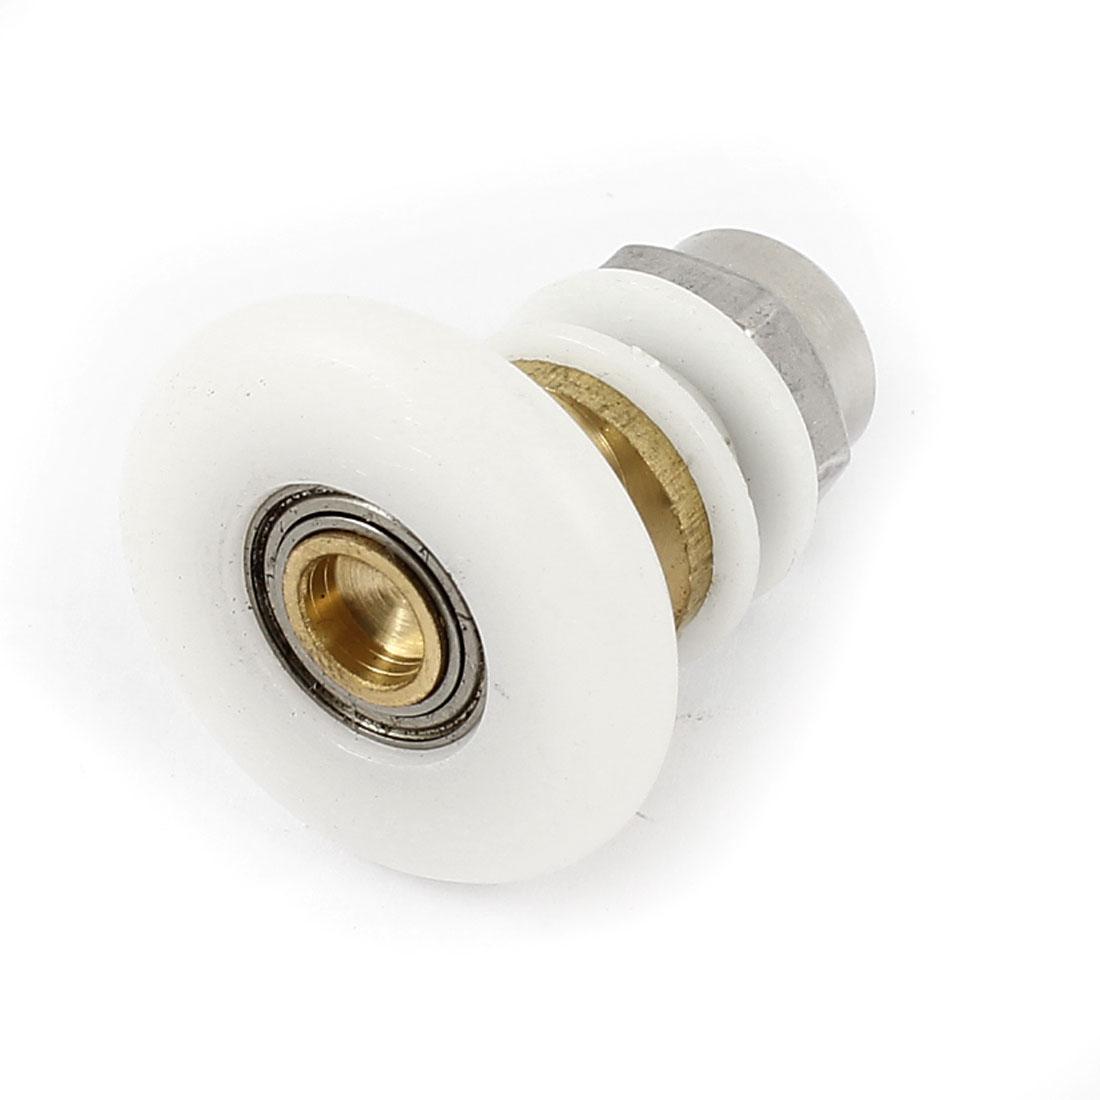 Shower Door Roller Rollers Replacement Eccentric Wheel 27mm Dia